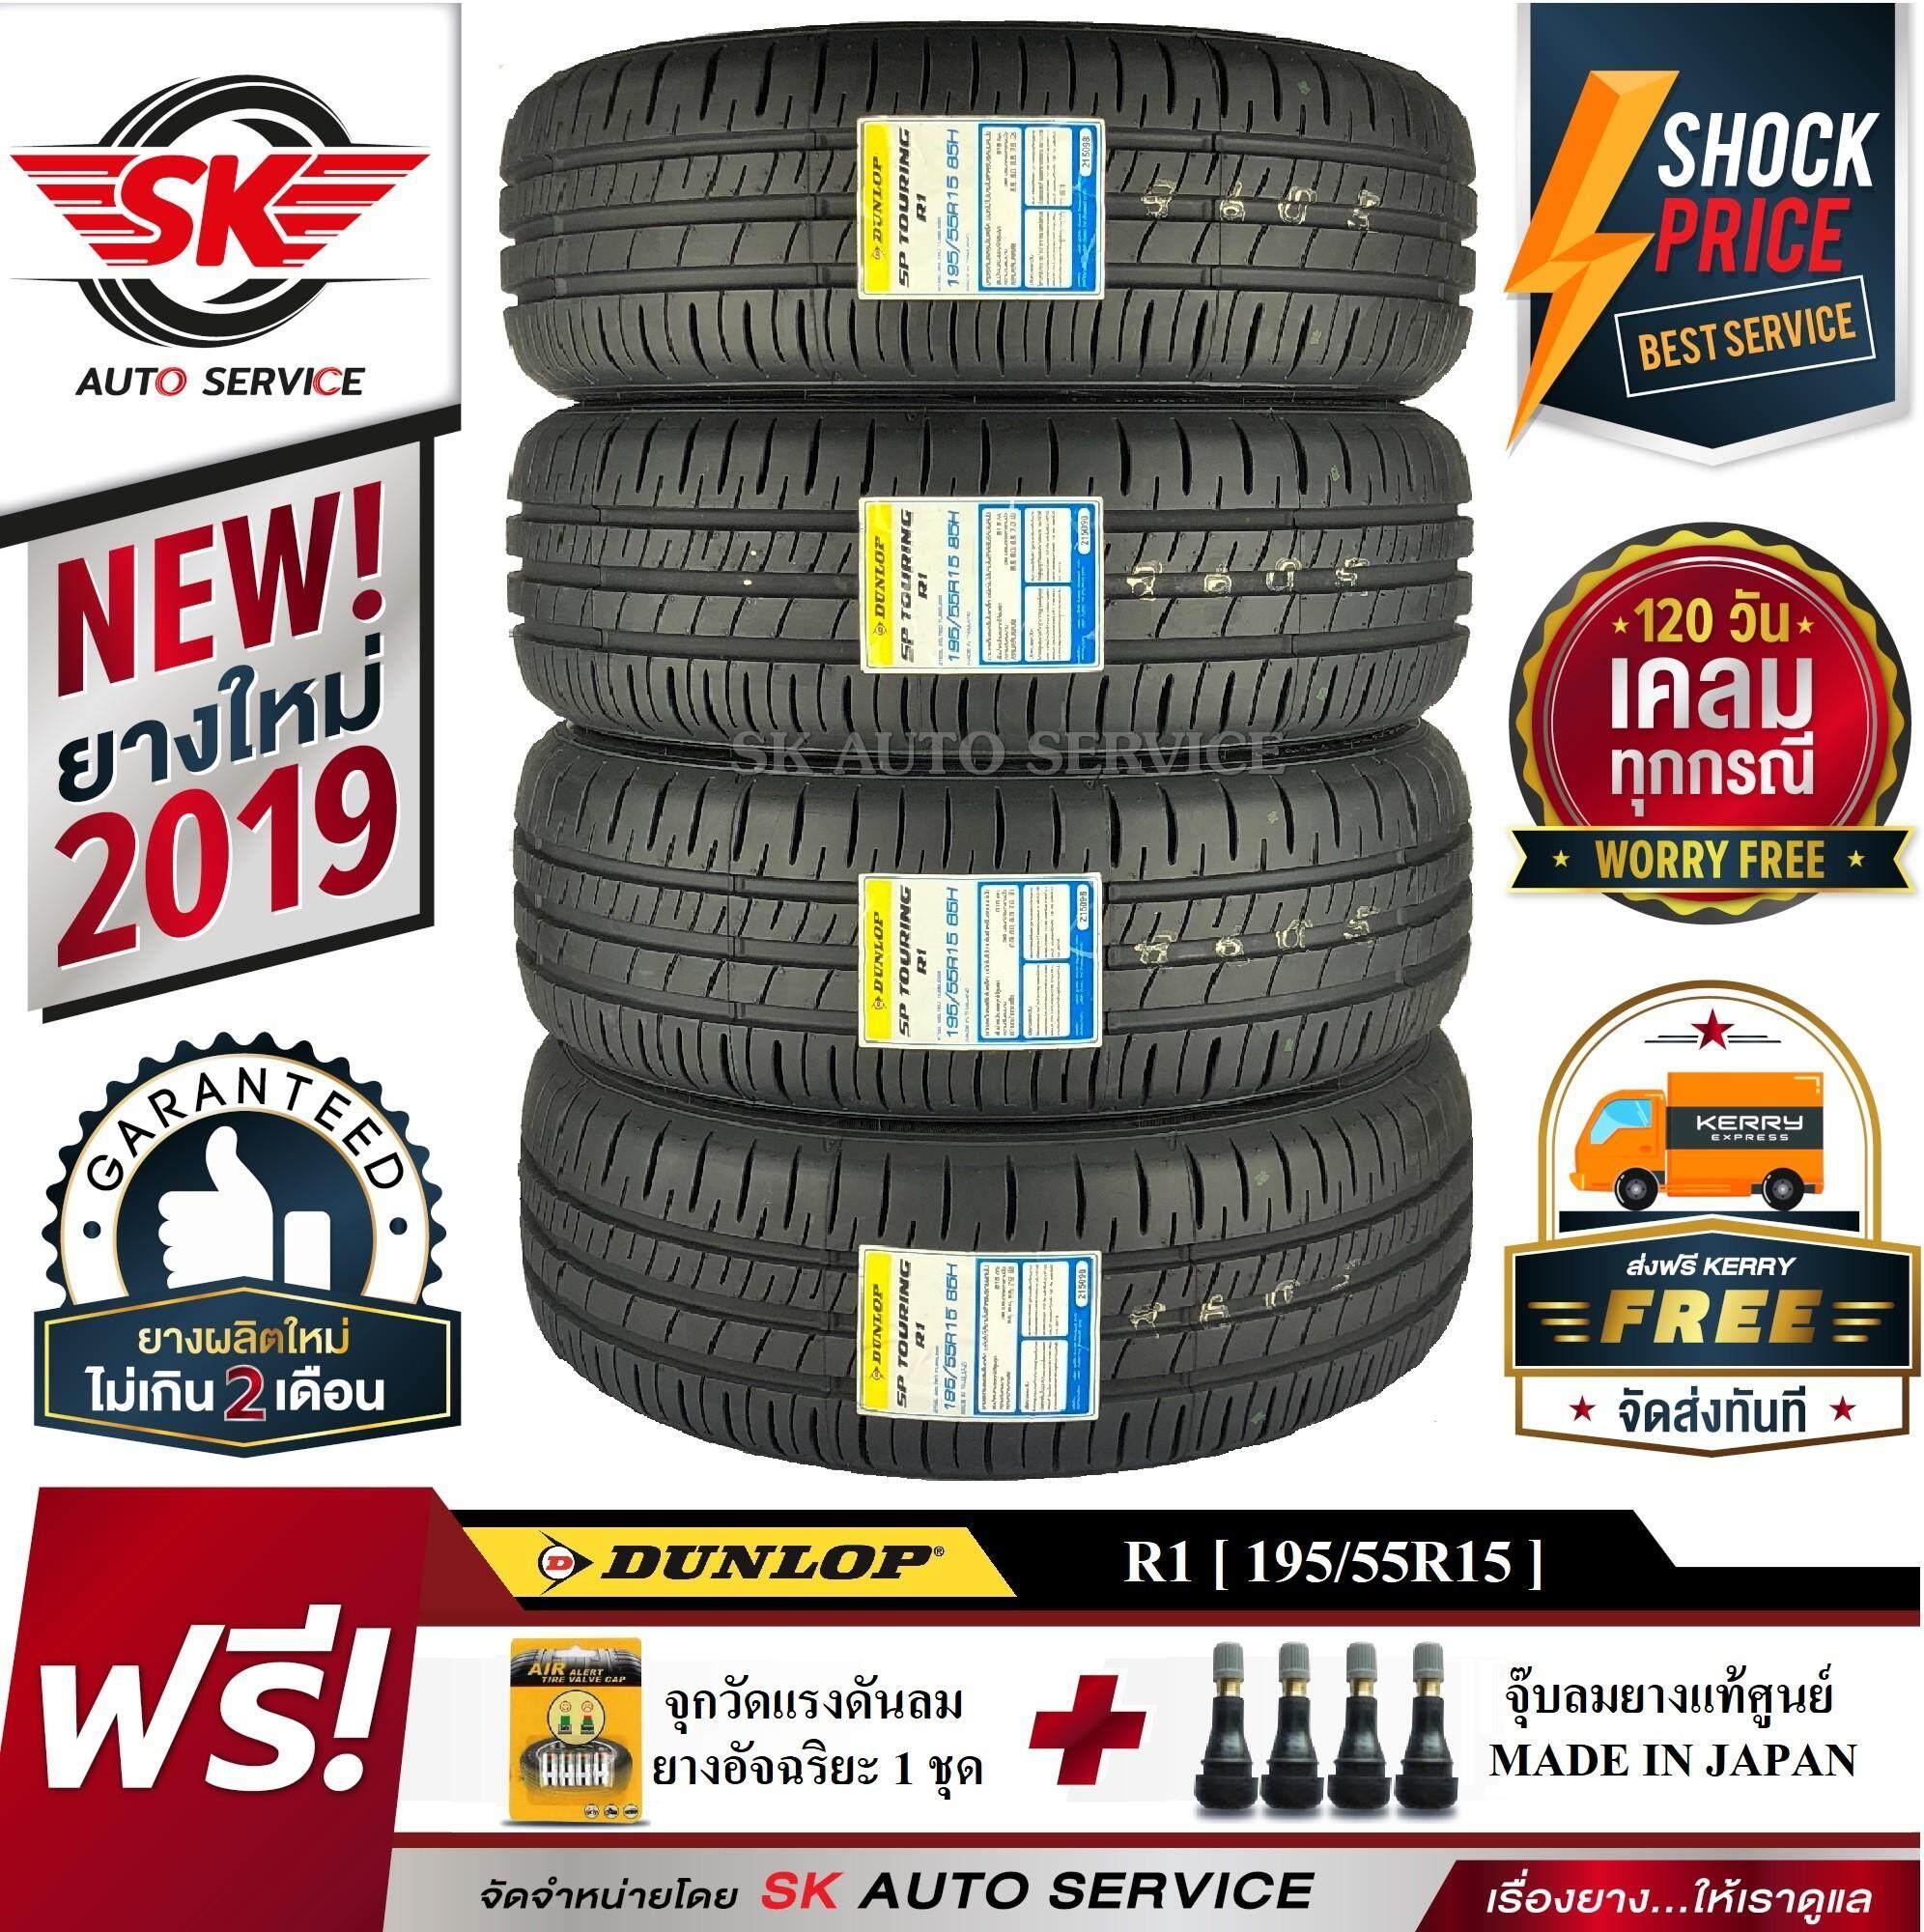 ประกันภัย รถยนต์ 3 พลัส ราคา ถูก ตราด DUNLOP ยางรถยนต์ 195/55R15 รุ่น SP TOURING R1 4 เส้น (ใหม่กริ๊ปปี 2019)